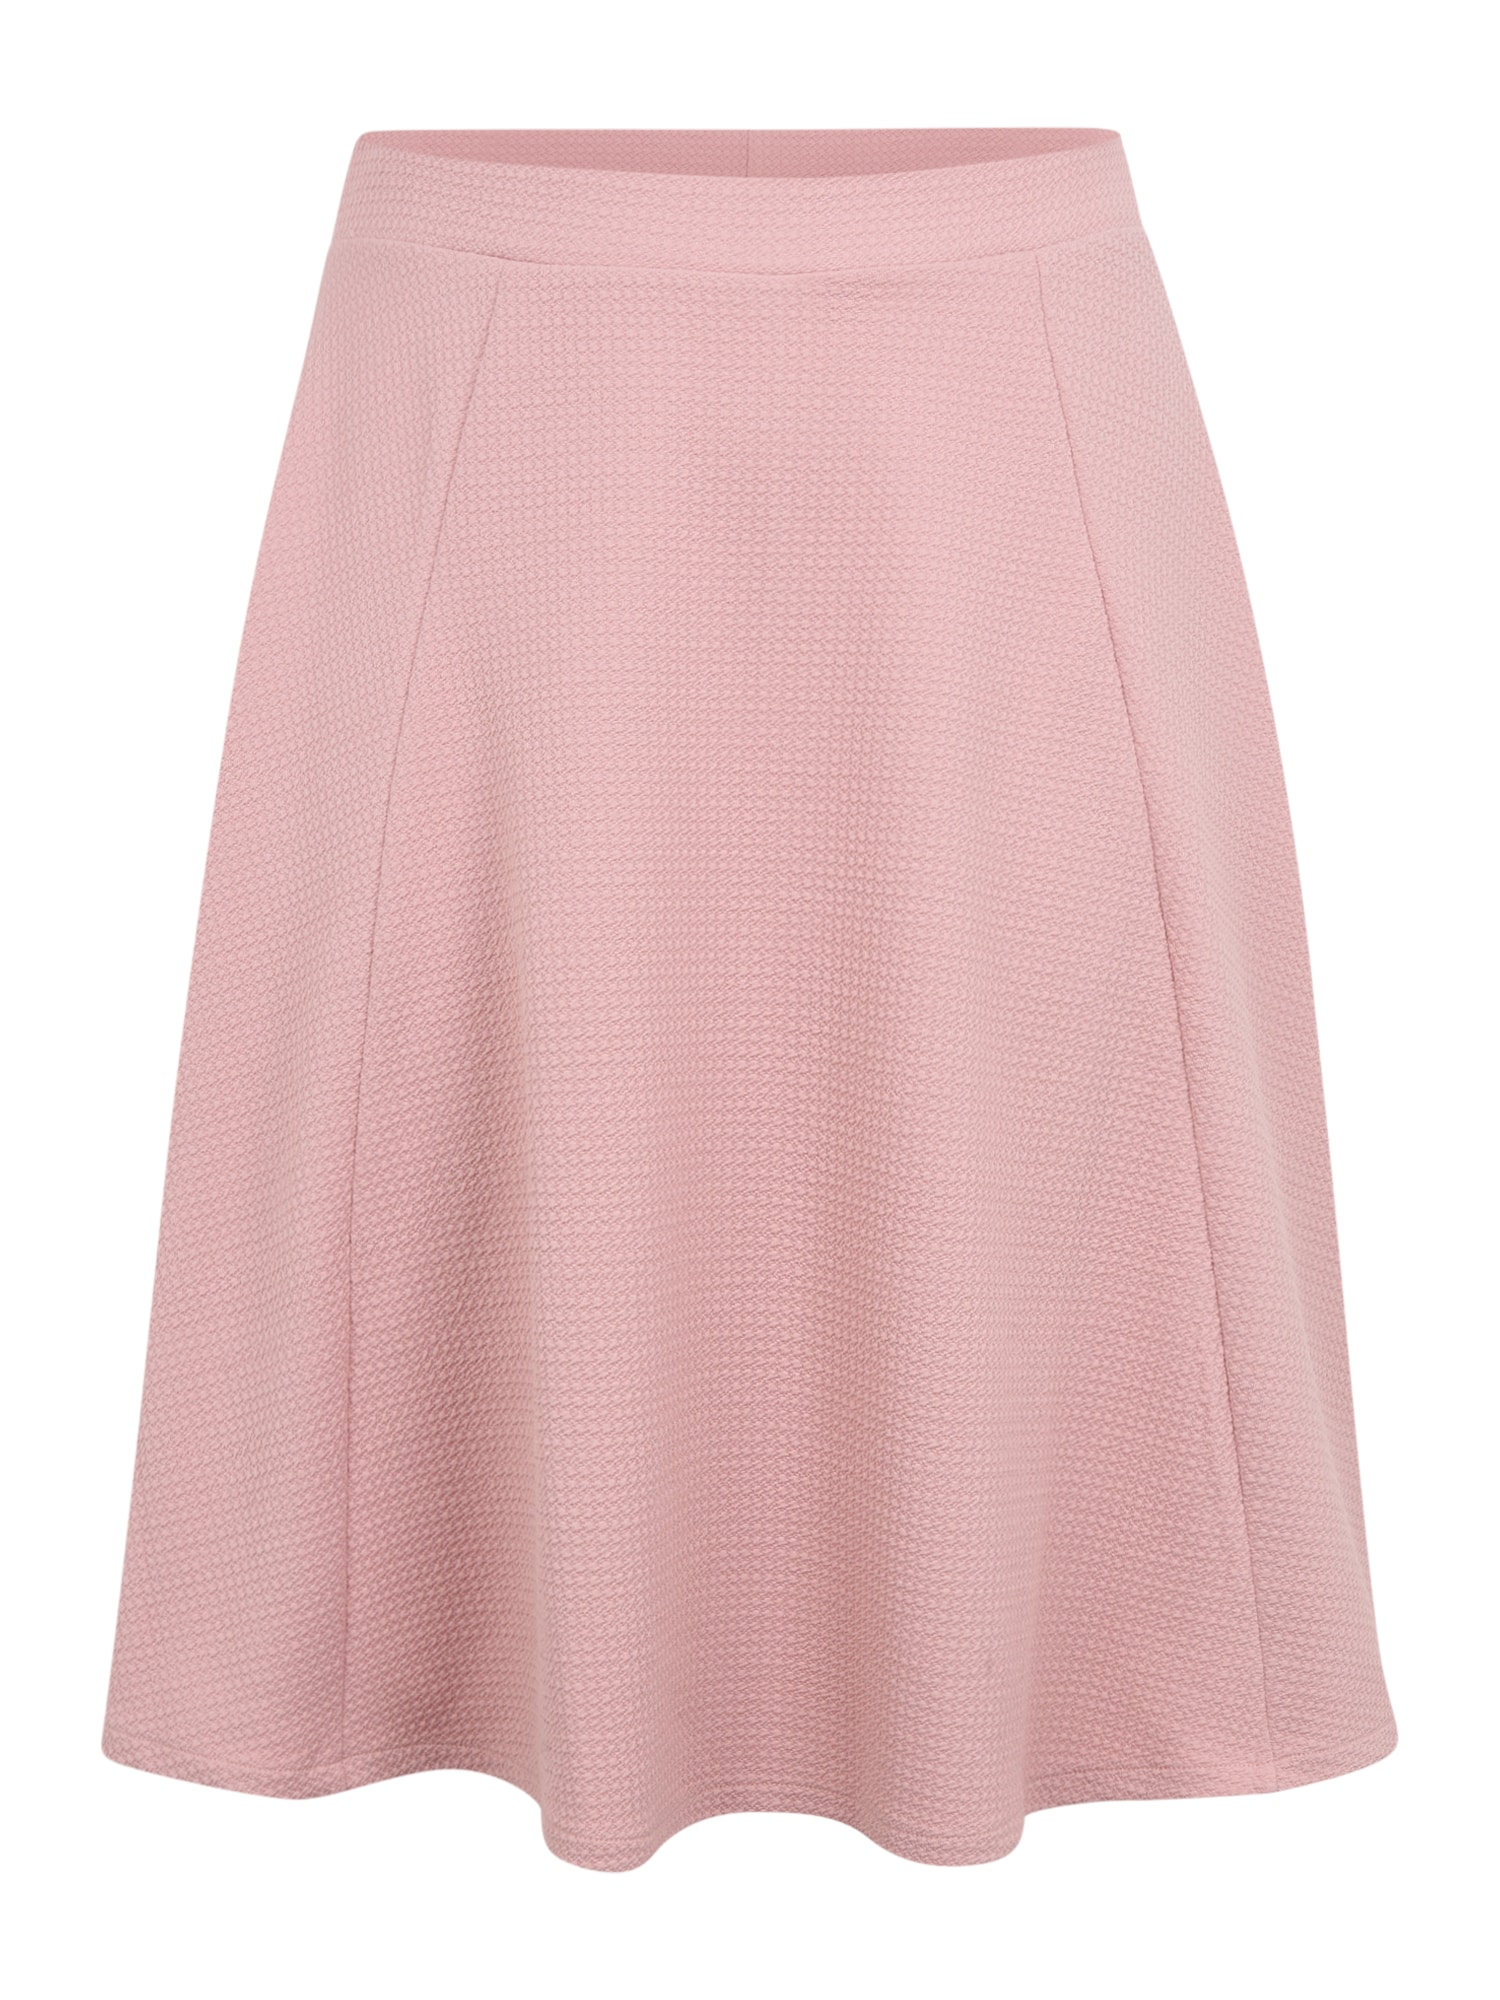 ABOUT YOU Curvy Sijonas 'Thassia Skirt' rožių spalva / rožinė